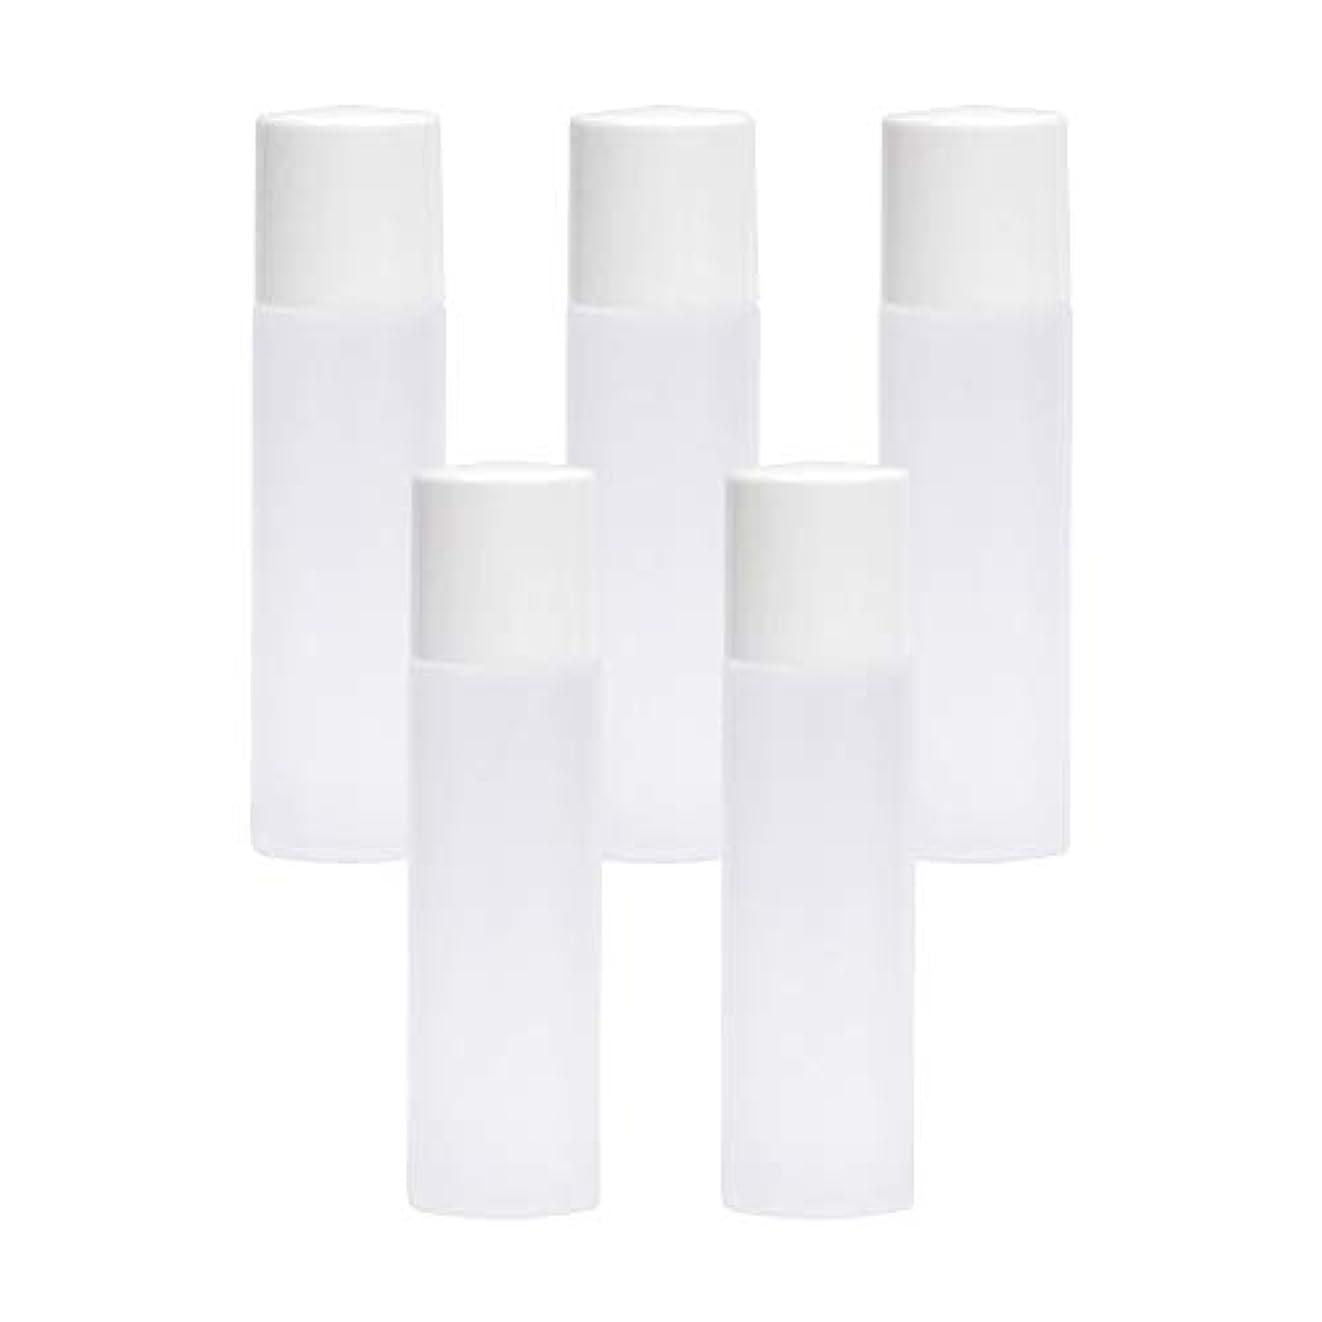 探検コンパニオンリボン白ボトル10ml×5本セット(中栓ノズルタイプ?キャップ付) (プラスチック容器/オイル用空瓶 プラスチック製-PET/空ボトル)